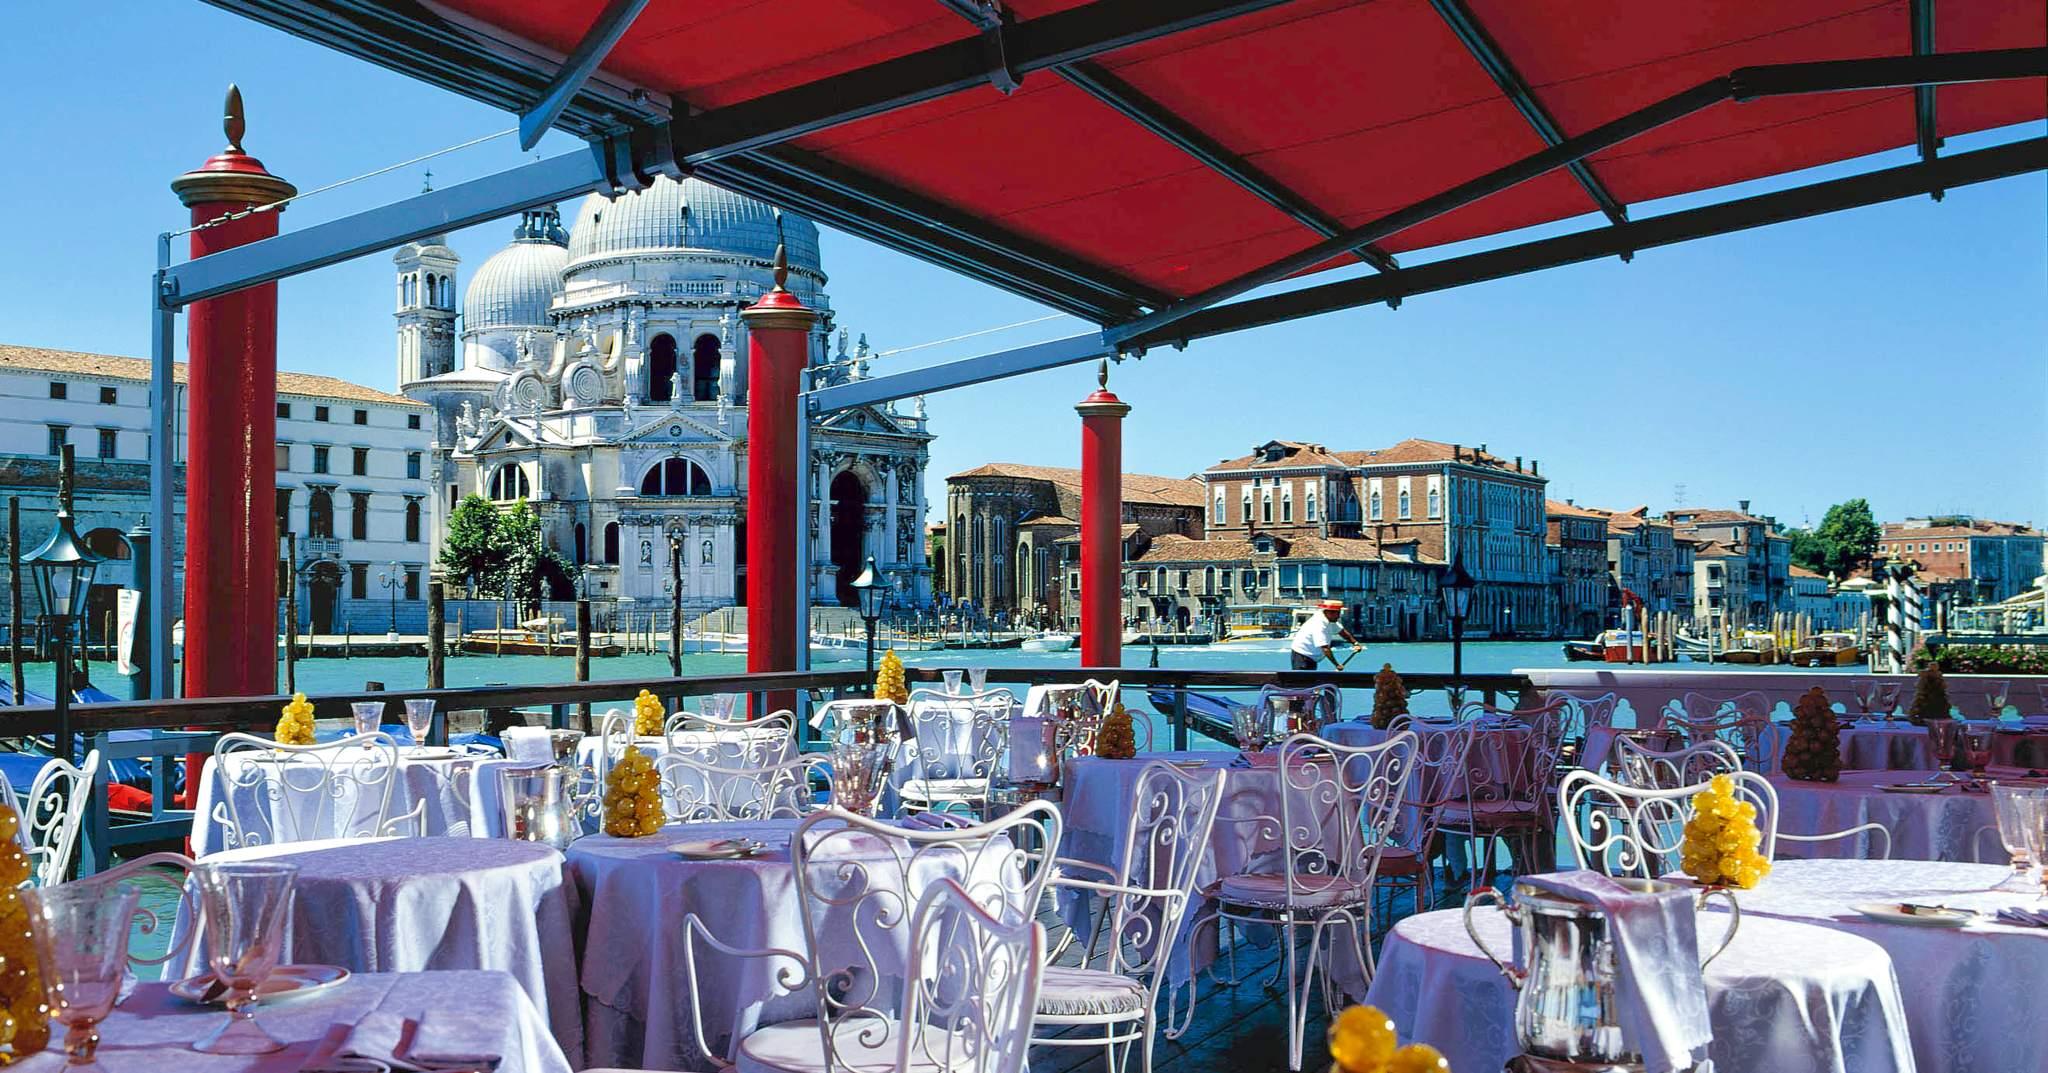 Bauer Il Palazzo In Venice Italy